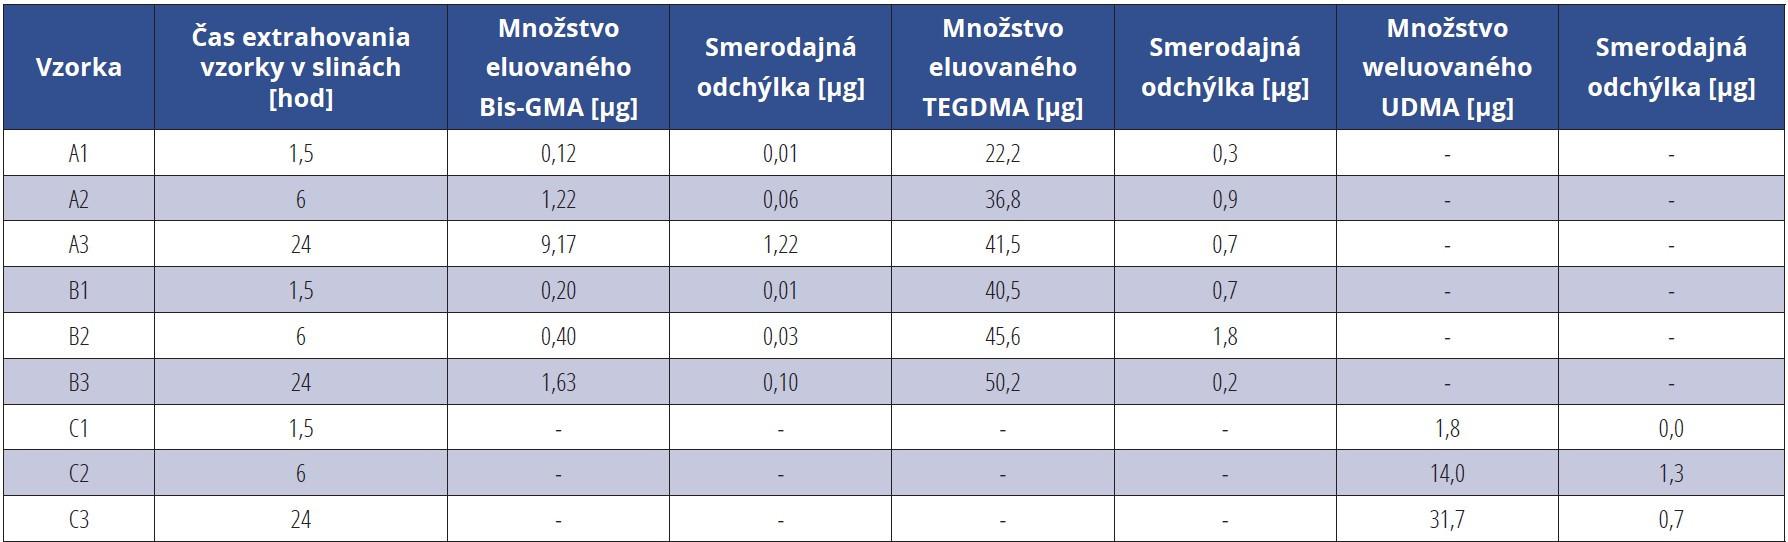 Tab. 4 Množstvá monomérov Bis-GMA, TEGDMA a UDMA vyplavených z kompozitných materiálov Charisma (vzorky A1–A3), Grandio (vzorky B1–B3) a Gaenial (vzorky C1–C3) do slín. Vzorky A1, B1, C1 extrahované po dobu 1,5 hod, vzorky A2, B2, C2 po dobu 6 hod a vzorky A3, B3, C3 po dobu 24 hod. Množstvá uvoľnených monomérov boli prepočítané na vzorku s hmotnosťou 0,05 g<br> Tab. 4 Amounts of Bis-GMA, TEGDMA and UDMA monomers leached from Charisma (samples A1–A3), Grandio (samples B1–B3) and Gaenial (samples C1–C3) composite materials into saliva. Samples A1, B1, C1 extracted for 1.5 hours, samples A2, B2, C2 for 6 hours and samples A3, B3, C3 for 24 hours. The amounts of monomers released were calculated on a sample of 0.05 g